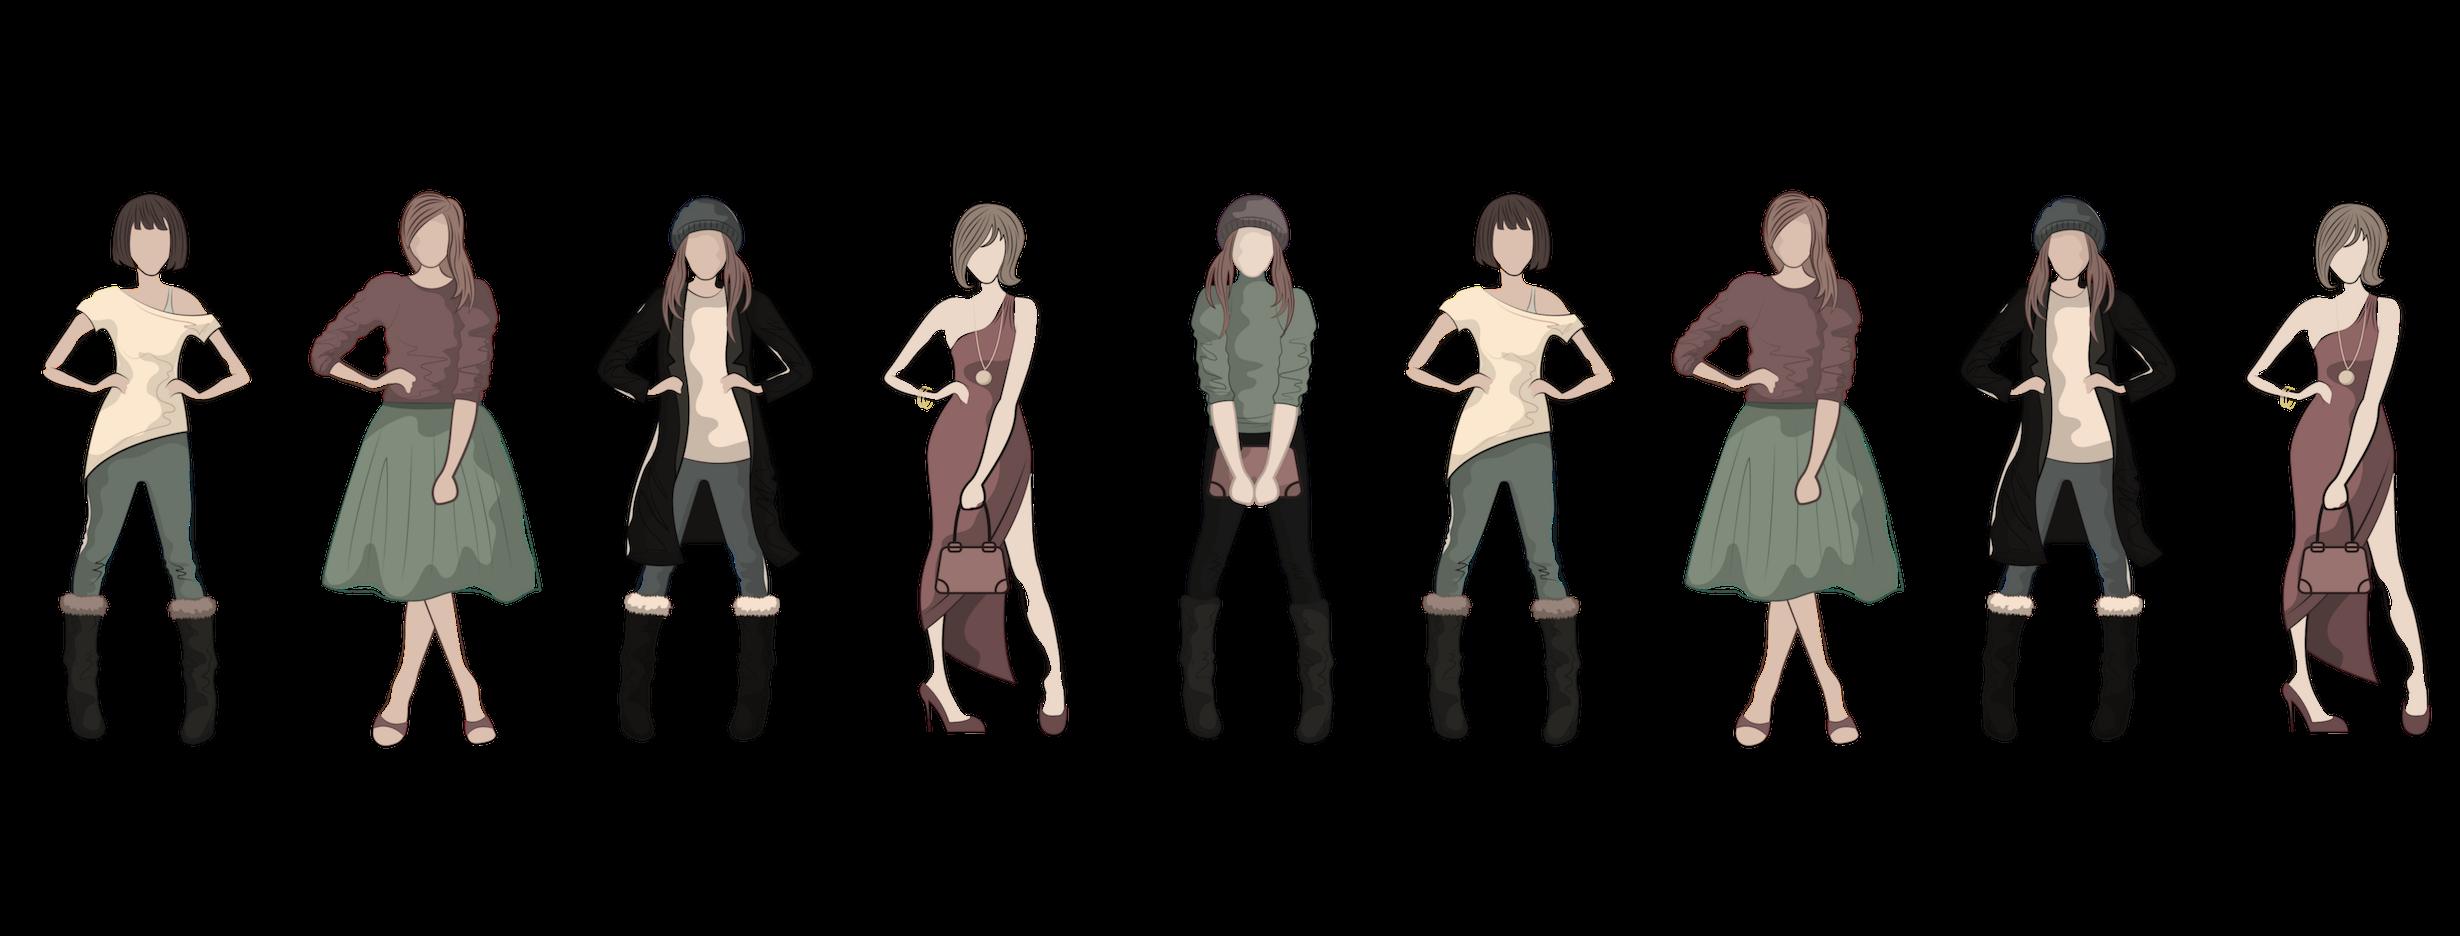 models (1).png